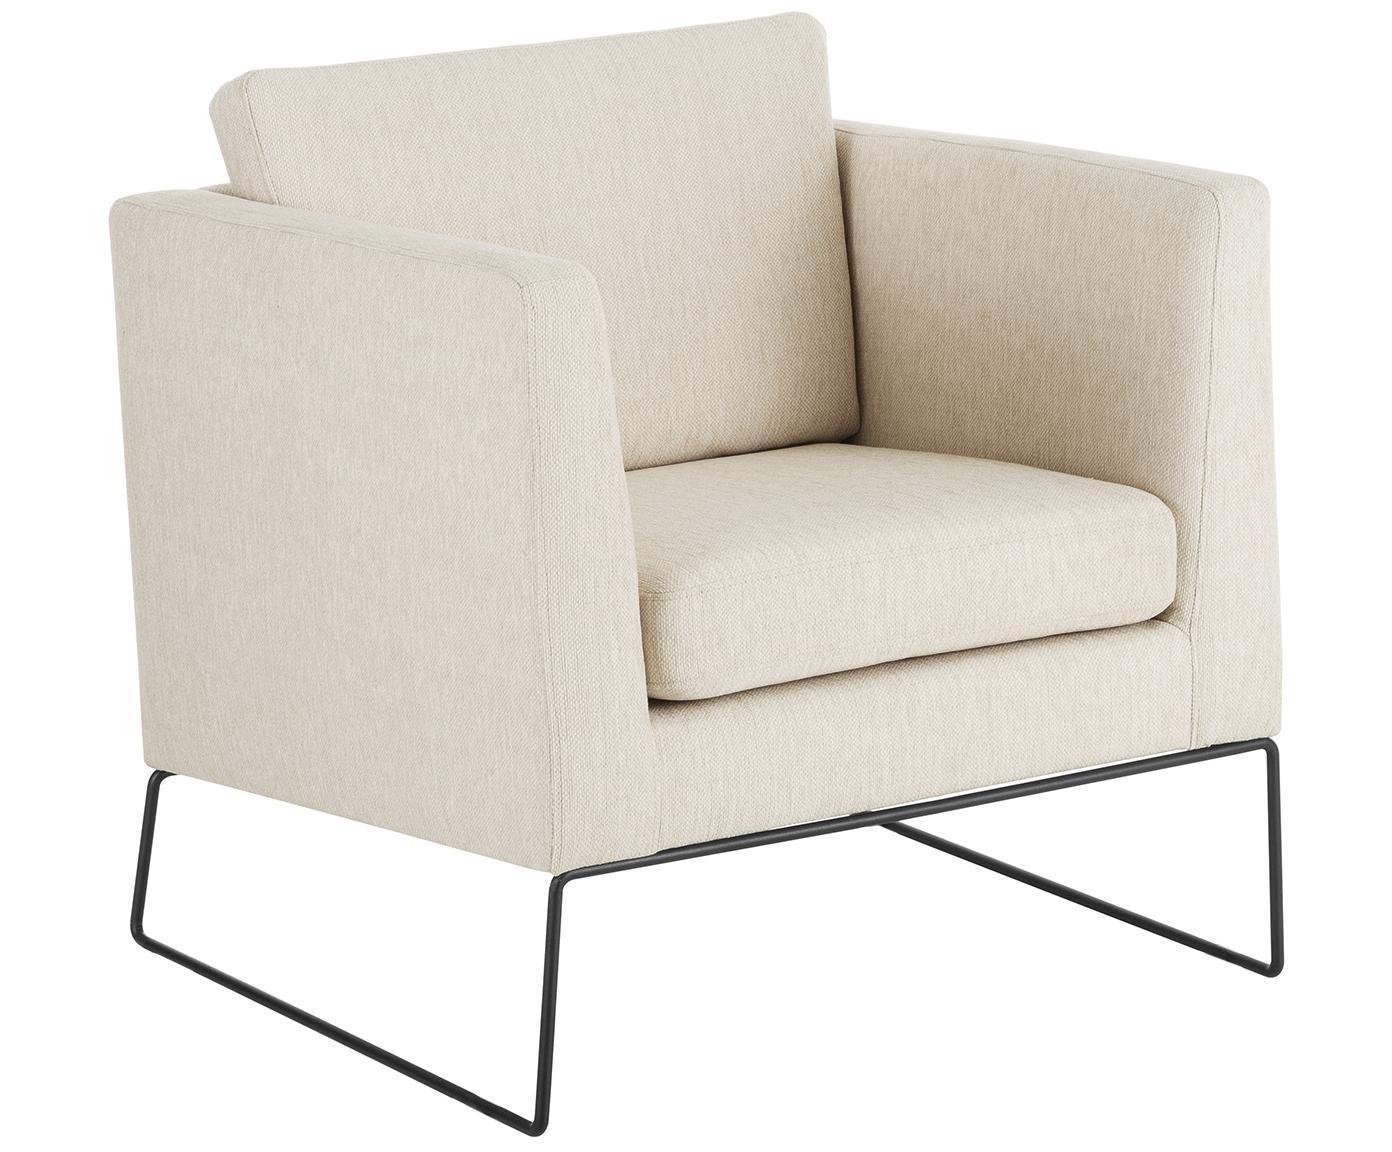 Fauteuil Milo, Bekleding: hoogwaardig polyester, Frame: grenenhout, Poten: gelakt metaal, Geweven stof beige, 77 x 75 cm